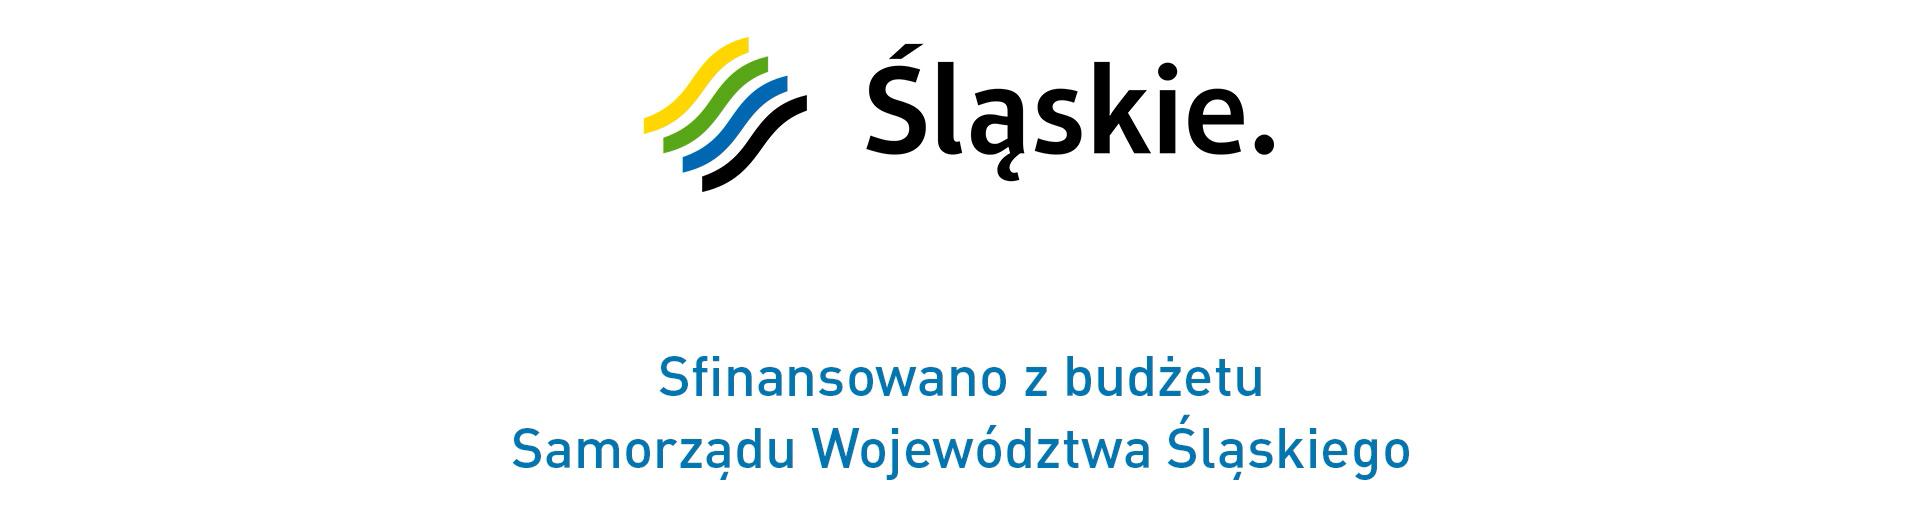 Smog (fot. Urząd Marszałkowski Województwa Śląskiego)